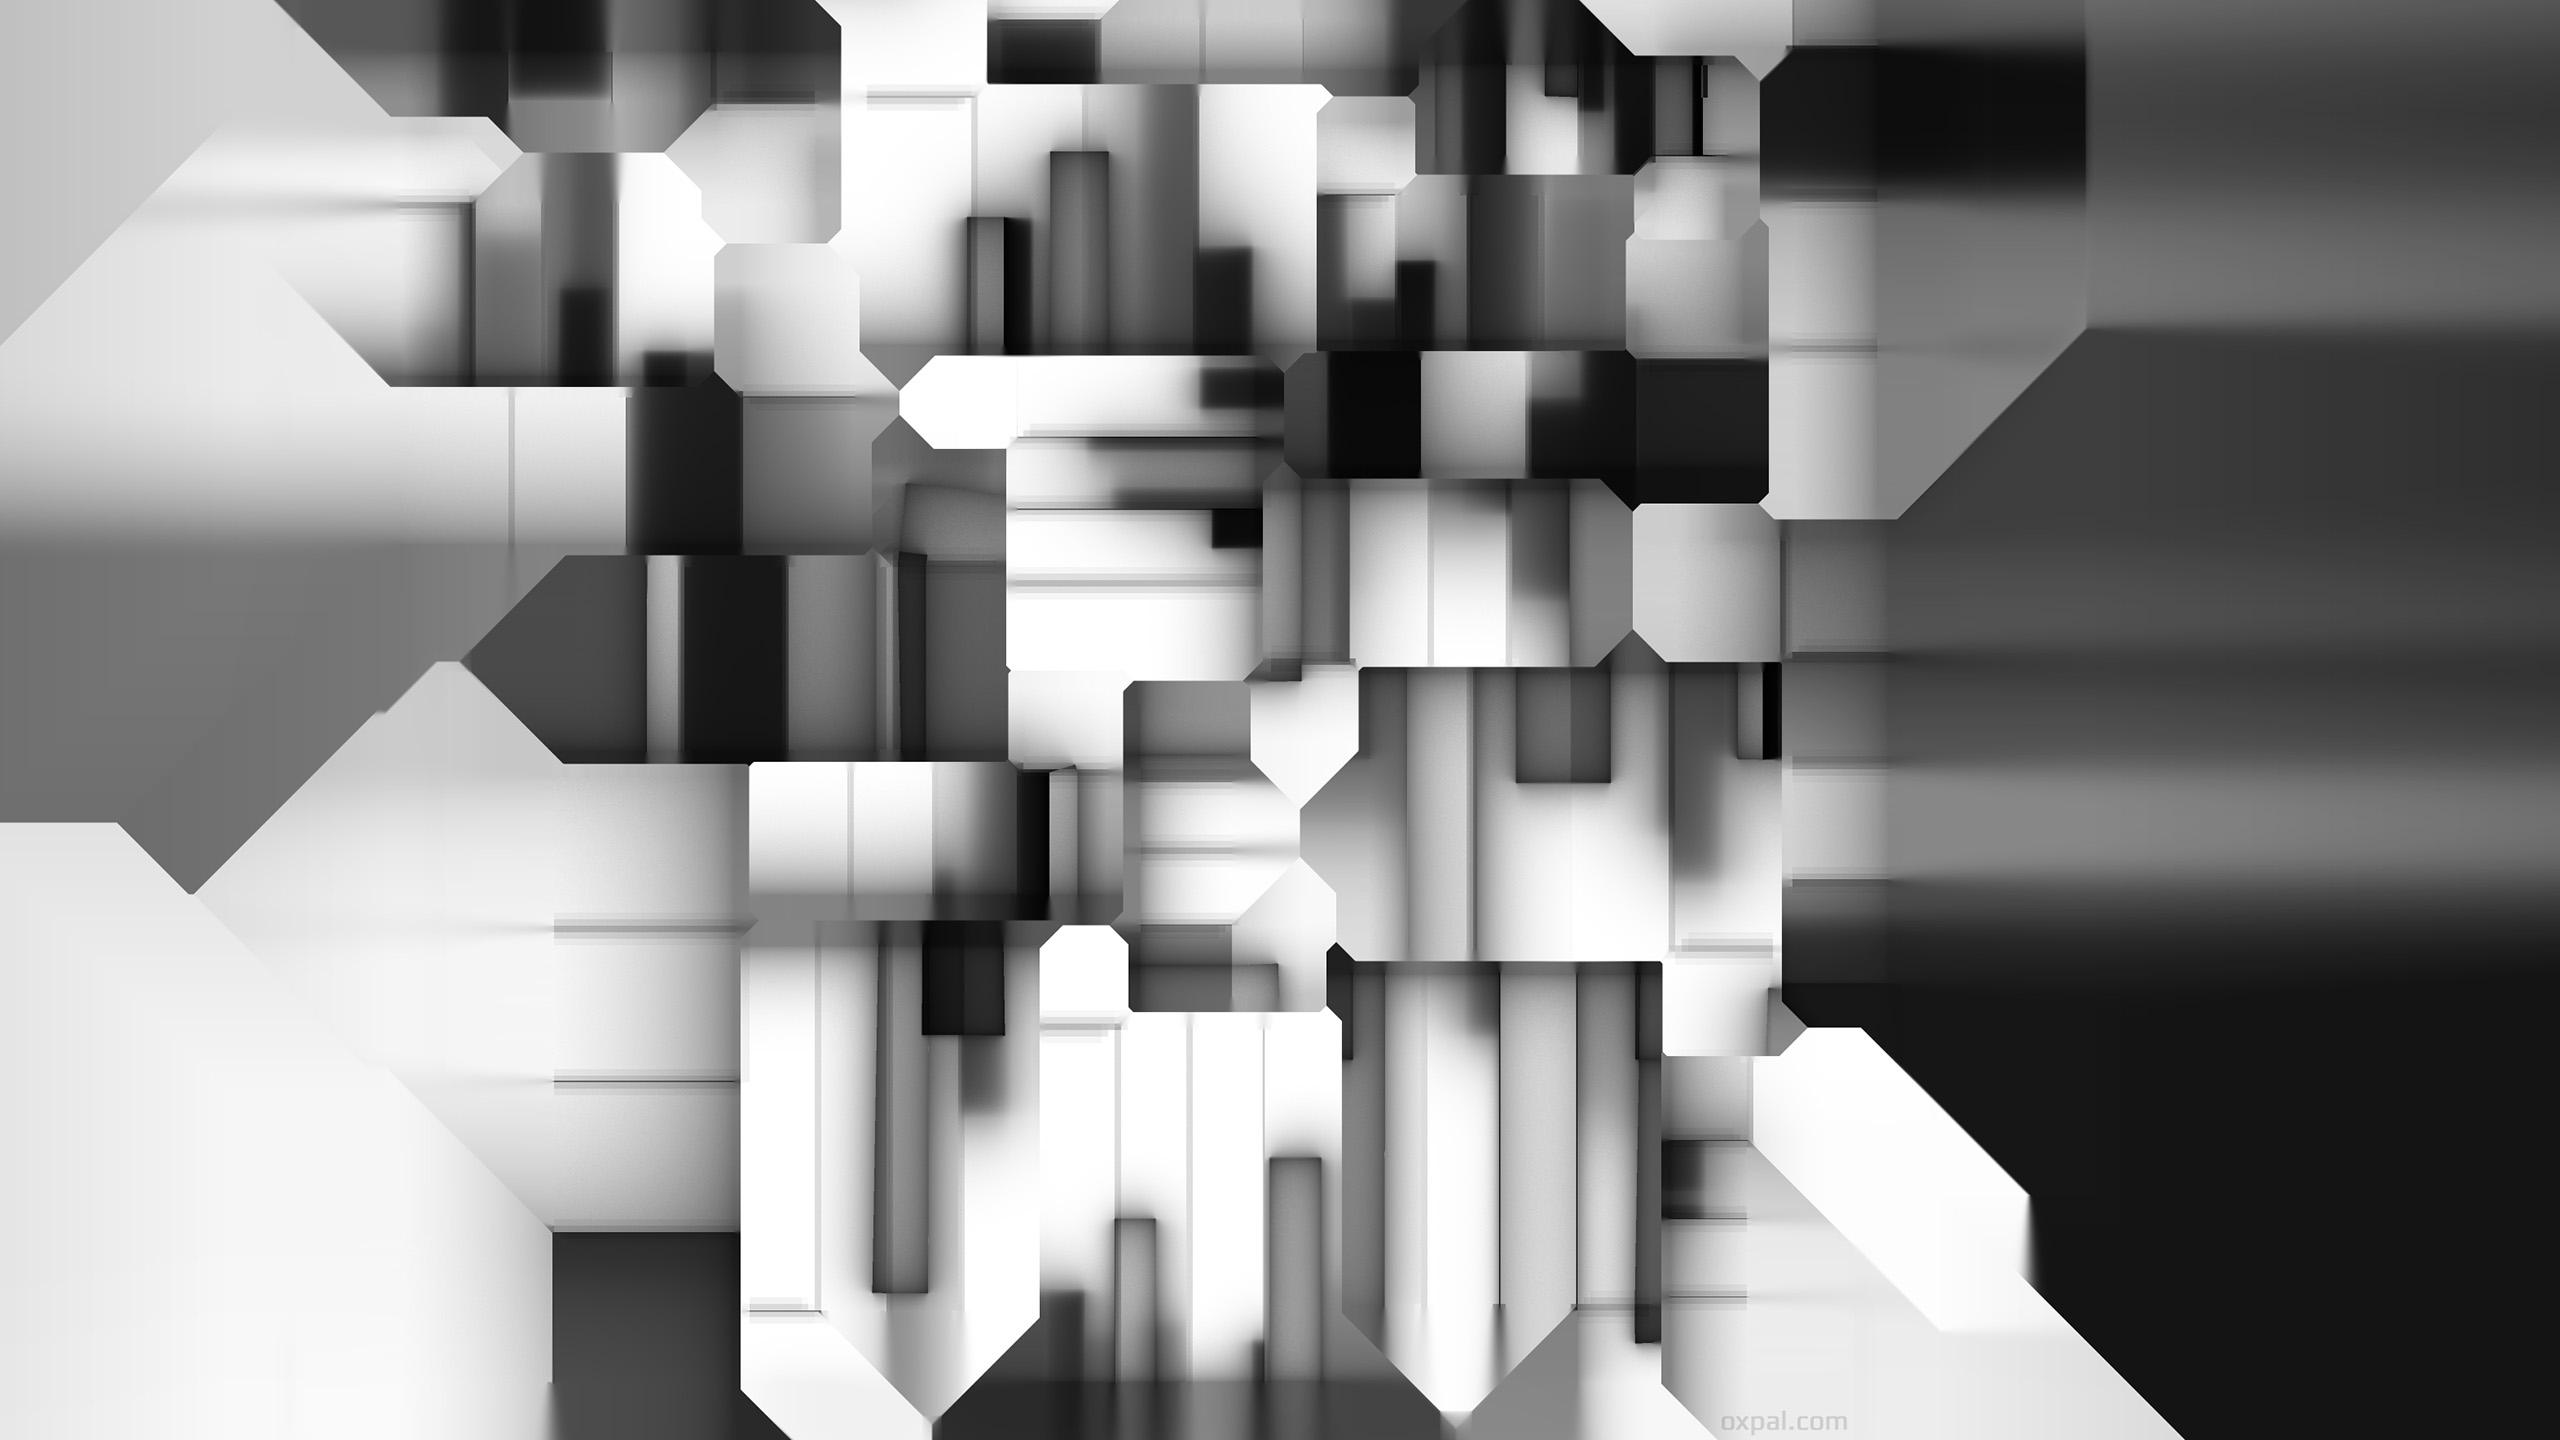 Wallpaper Abstract art QHD